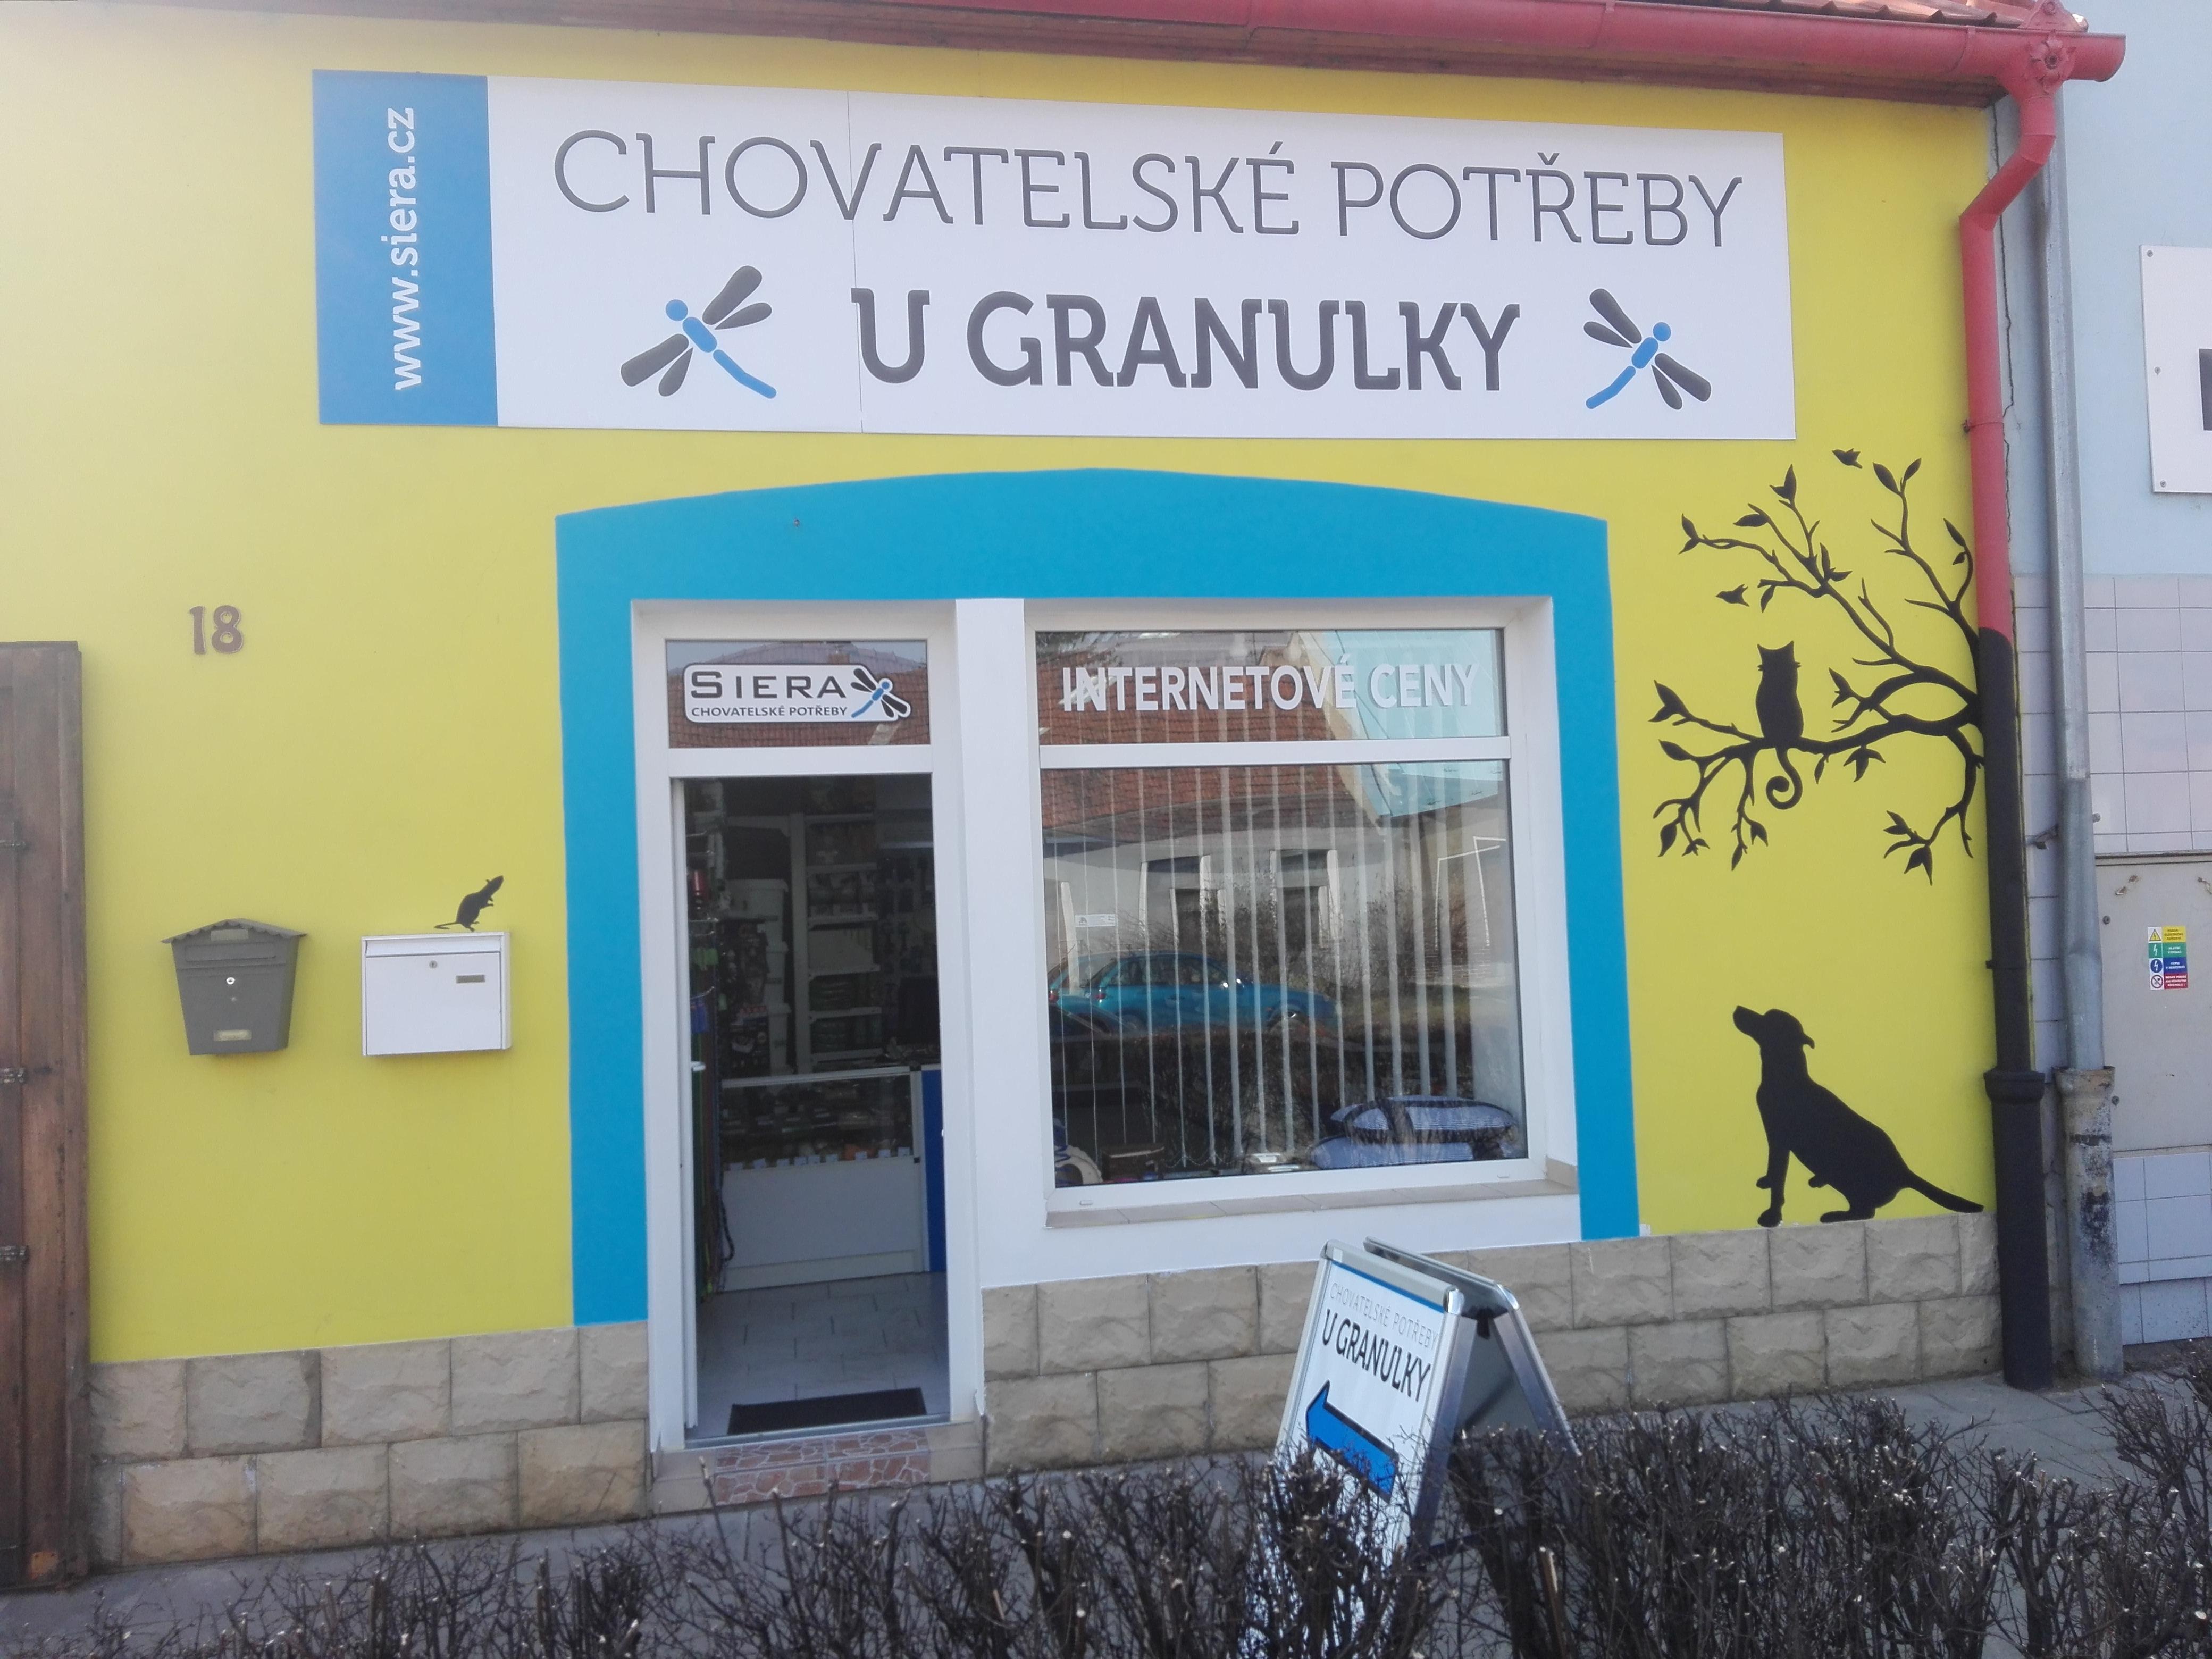 Foto prodejny U Granulky